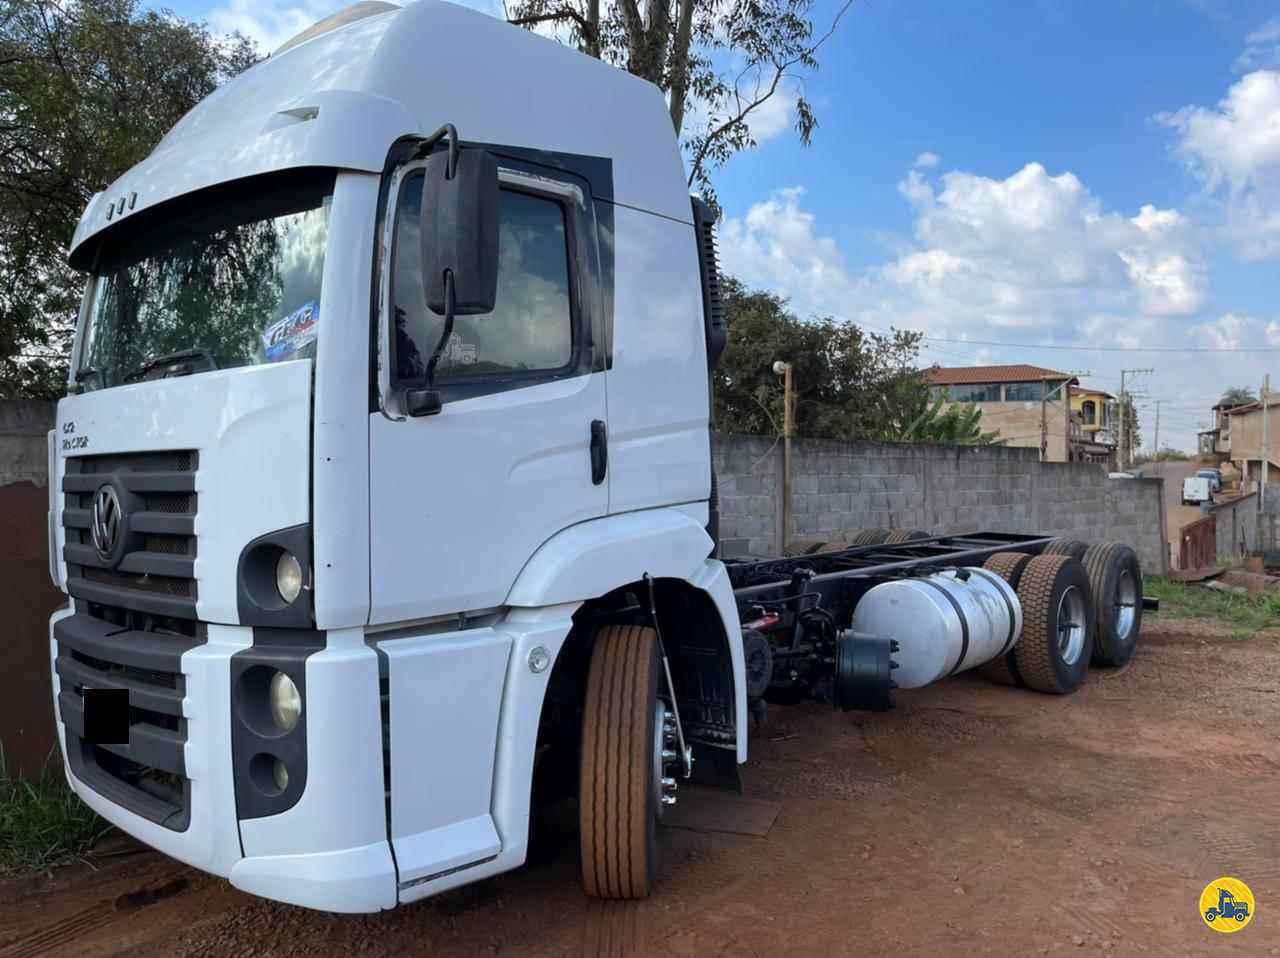 CAMINHAO VOLKSWAGEN VW 25370 Chassis Truck 6x2 Wilson Caminhões RIBEIRAO PIRES SÃO PAULO SP